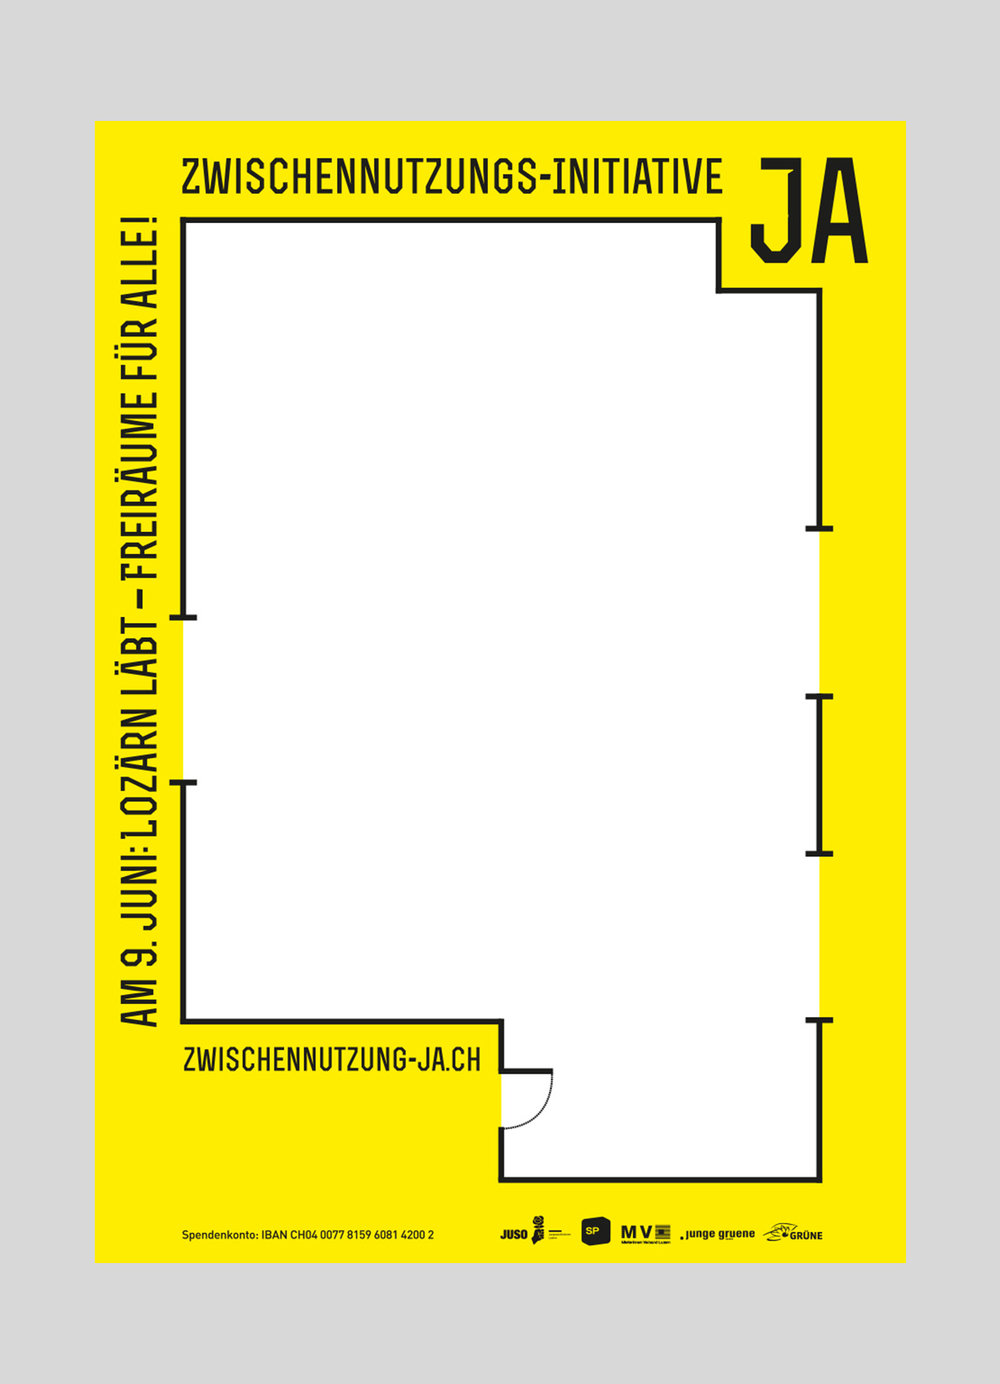 JUSO Stadt Luzern –   Zwischennutzungsinitiative   | 2013   Volksinitiative der JUSO Stadt Luzern für mehr Zwischennutzungen und Kulturelle Freiräume.